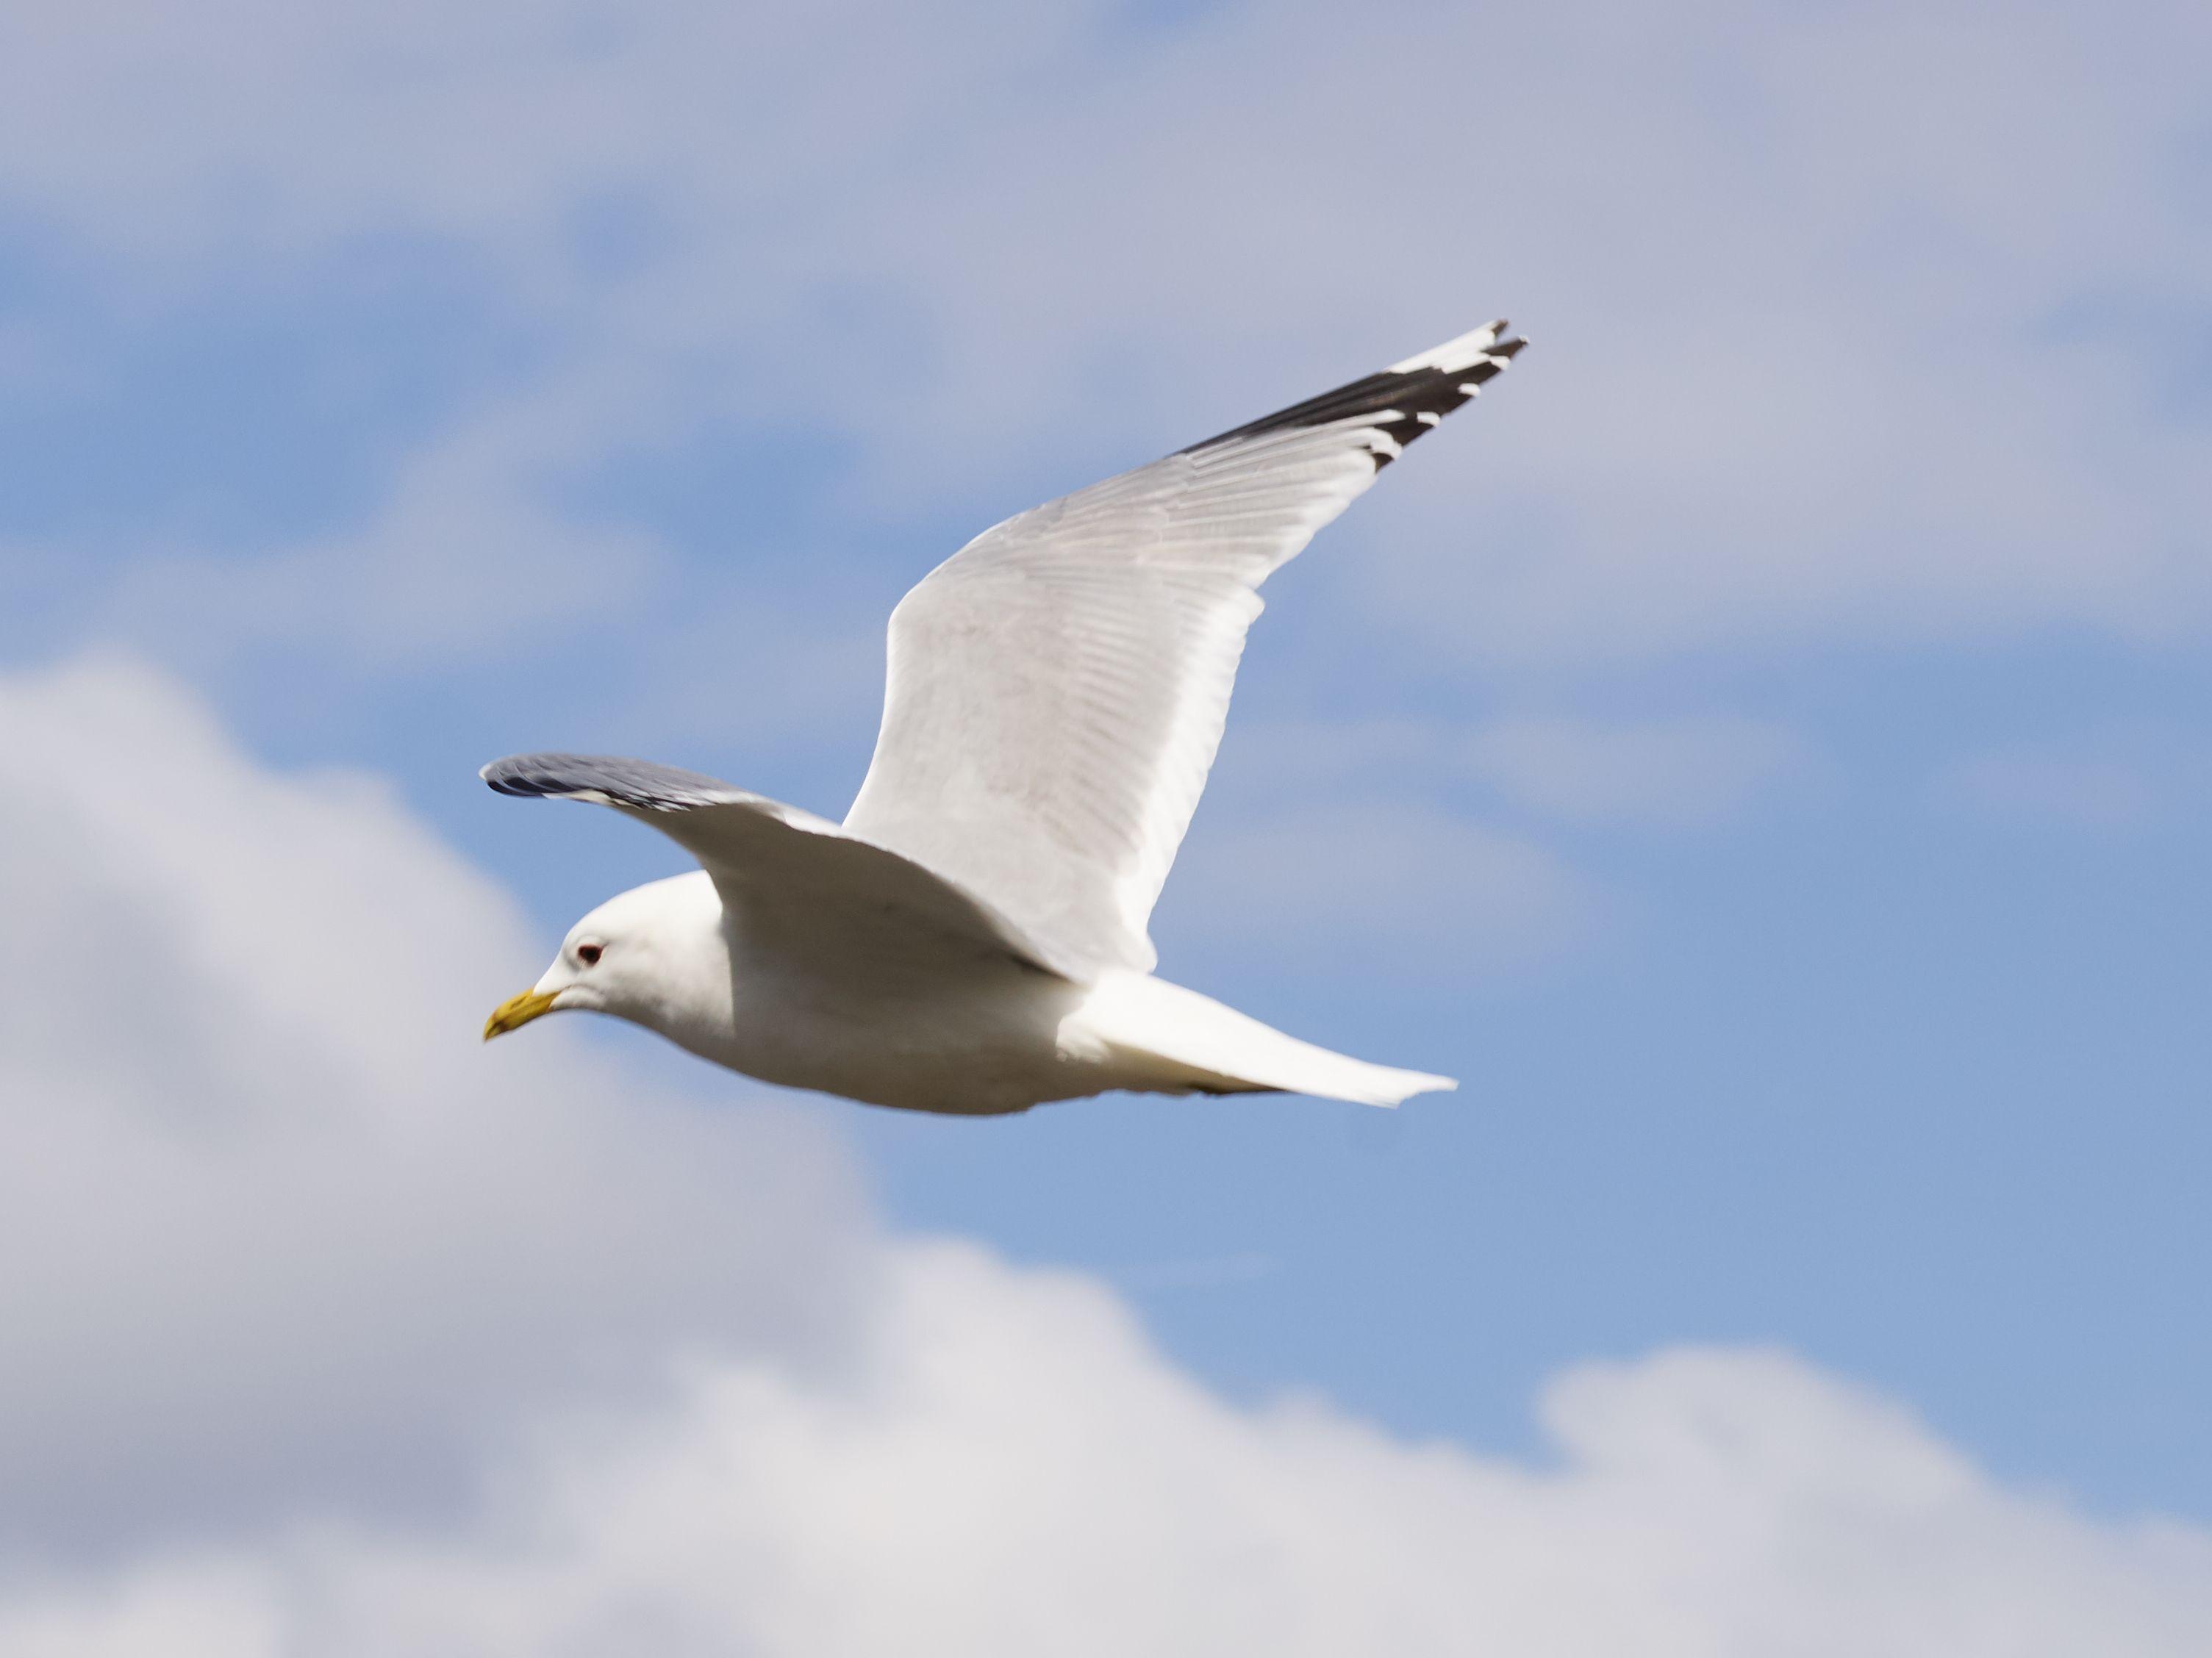 Phase One IQ4 im Test: Think big - Doch auf dem Bild ist der Vogel in einer 100-Prozent-Ansicht gut zu erkennen. (Bild: Werner Pluta/Golem.de)